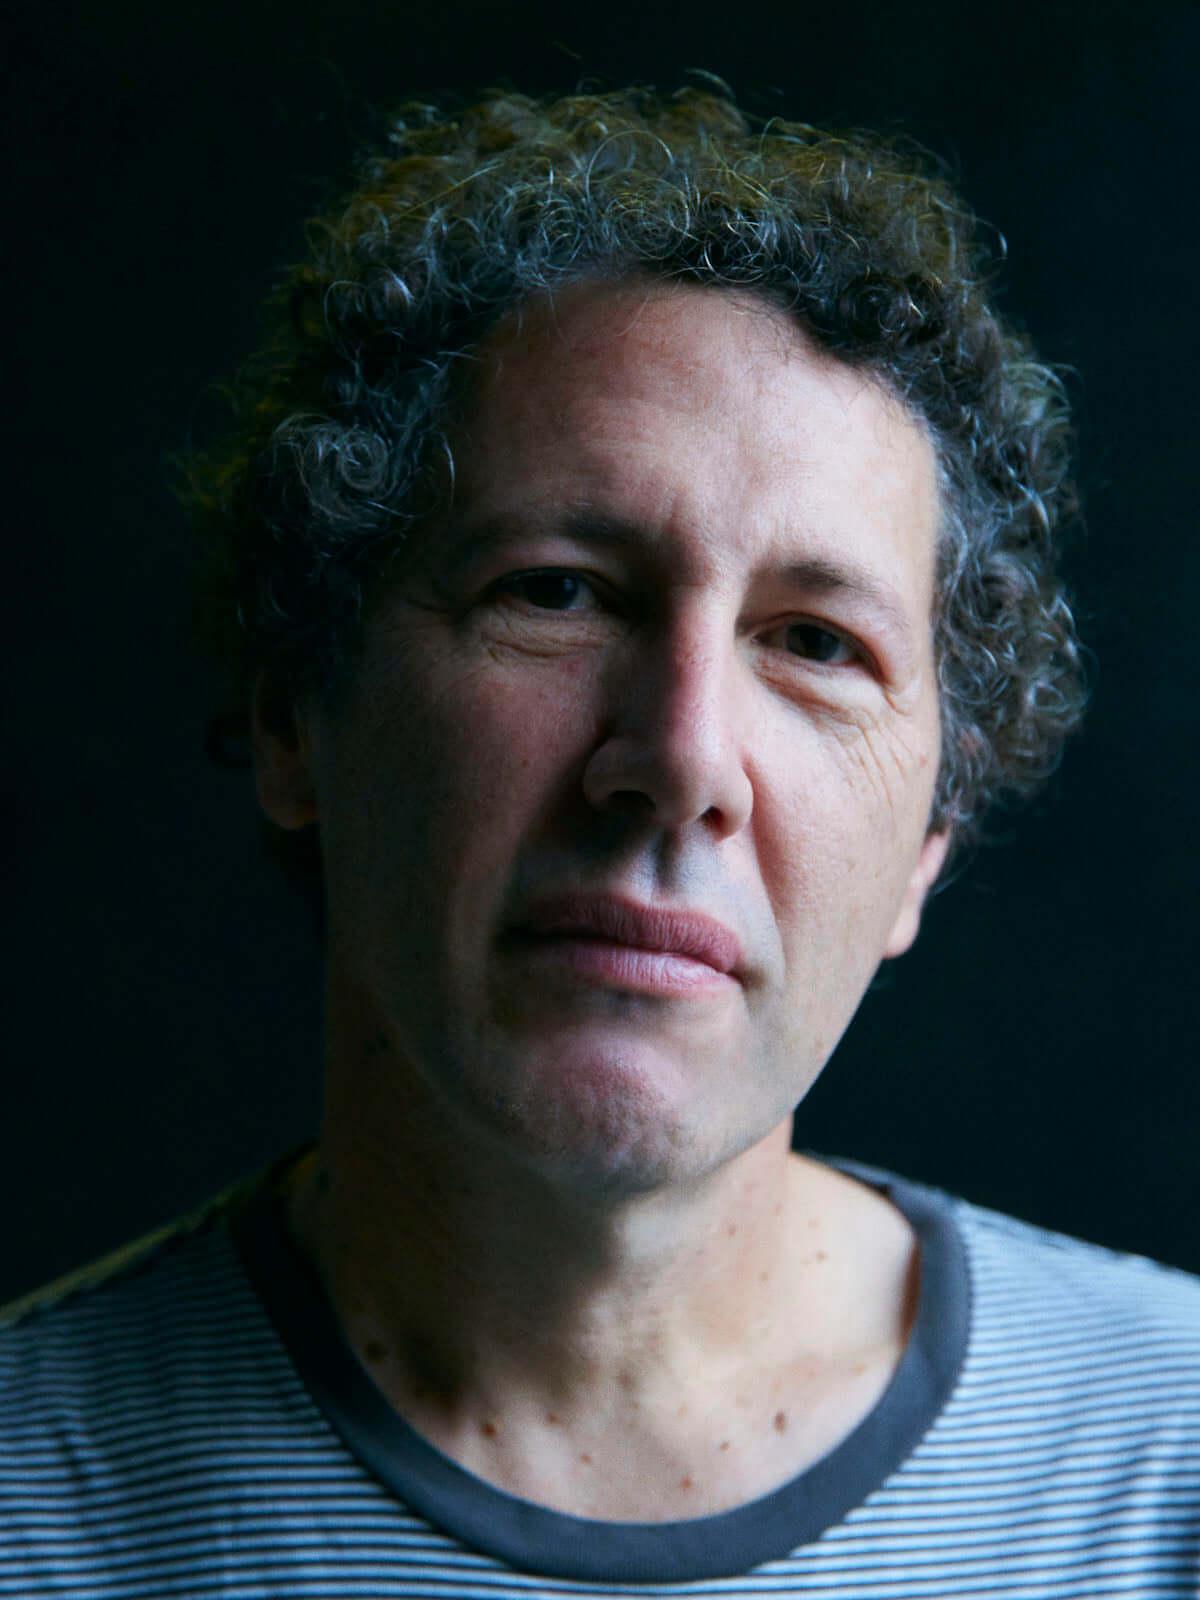 ヨ・ラ・テンゴのアイラ・カプランが語る、最新作『There's a Riot Going On』制作秘話と30年以上もバンド継続の秘訣 interview181122-yo-la-tengo-2-1200x1600